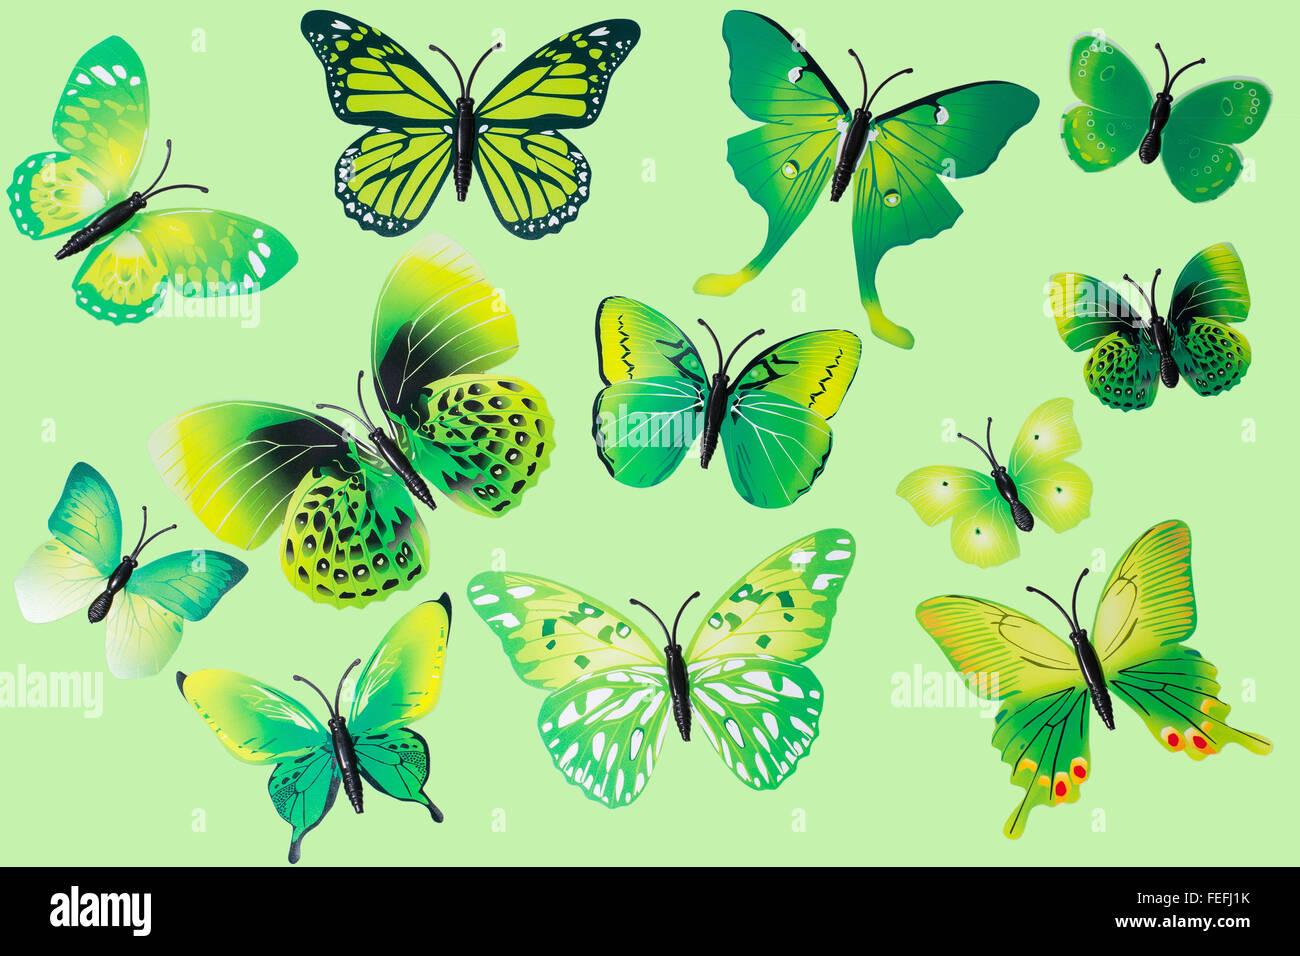 Collection de papillons fantaisie vert isolé Clip Art Photo Stock